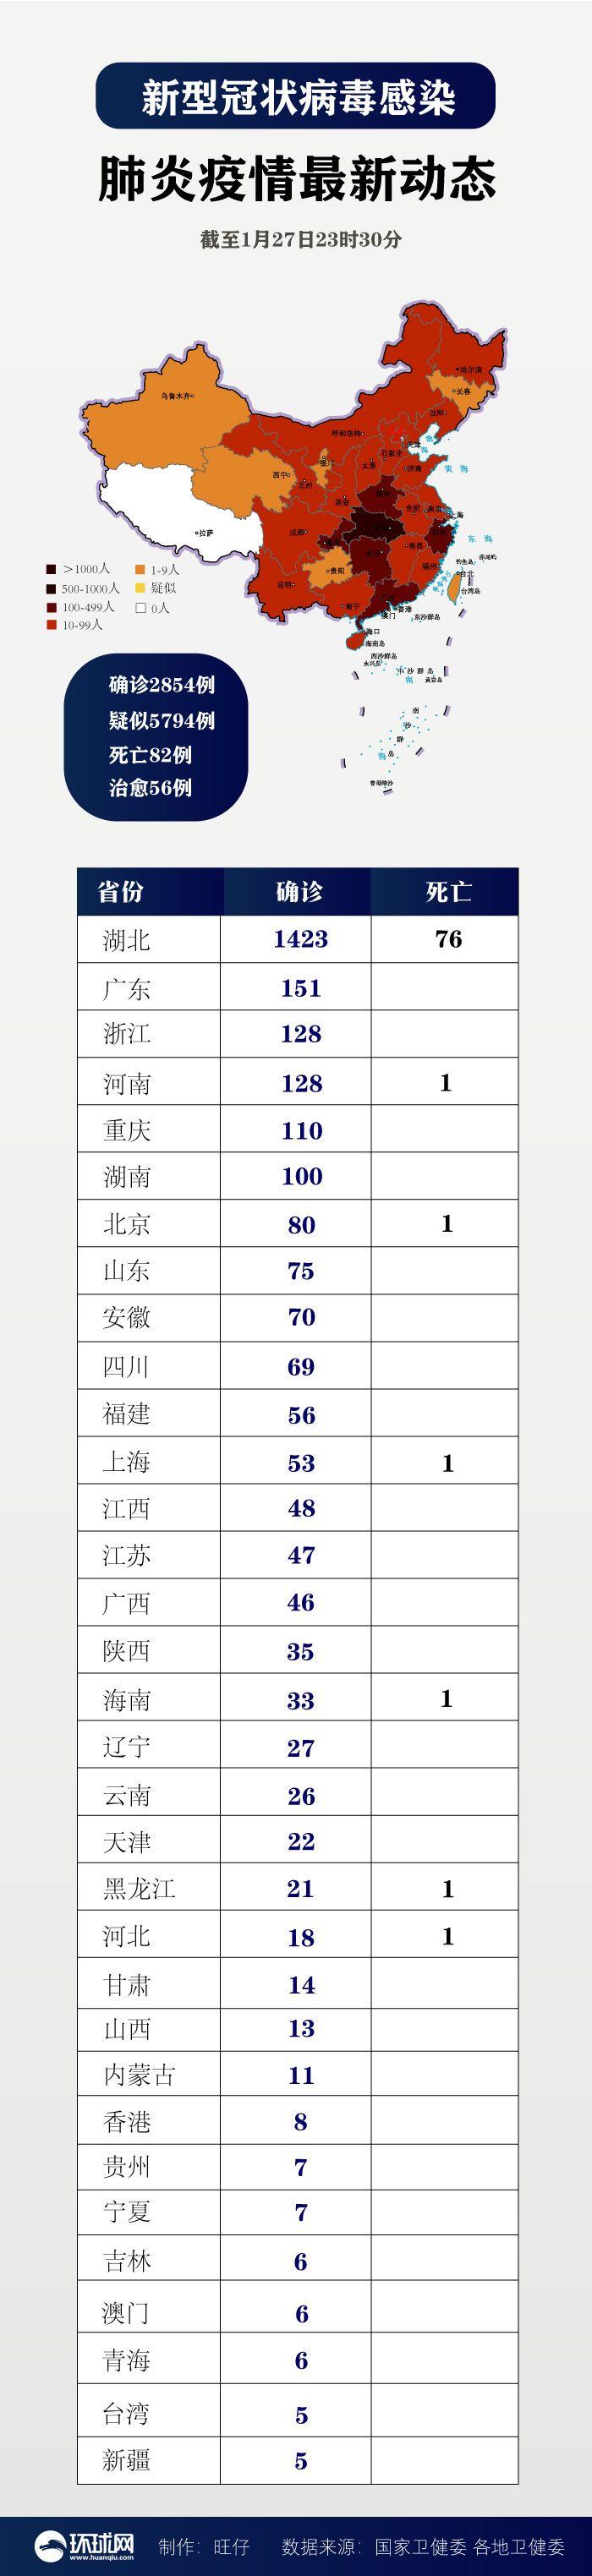 最新:确诊2854例,北京首现死亡